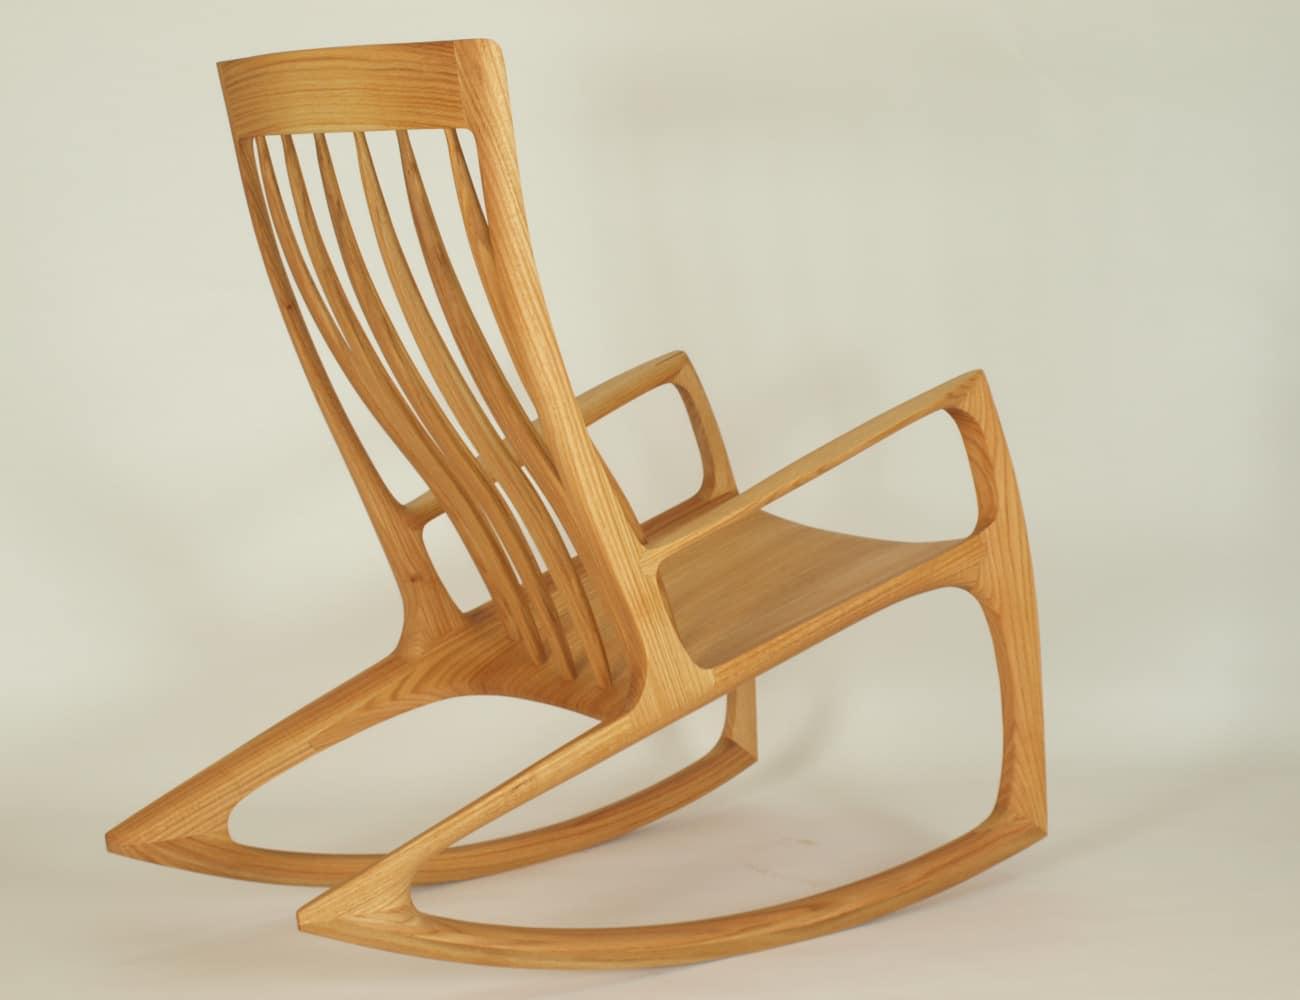 Schaukelstuhl aus Holz, Modellauswahl